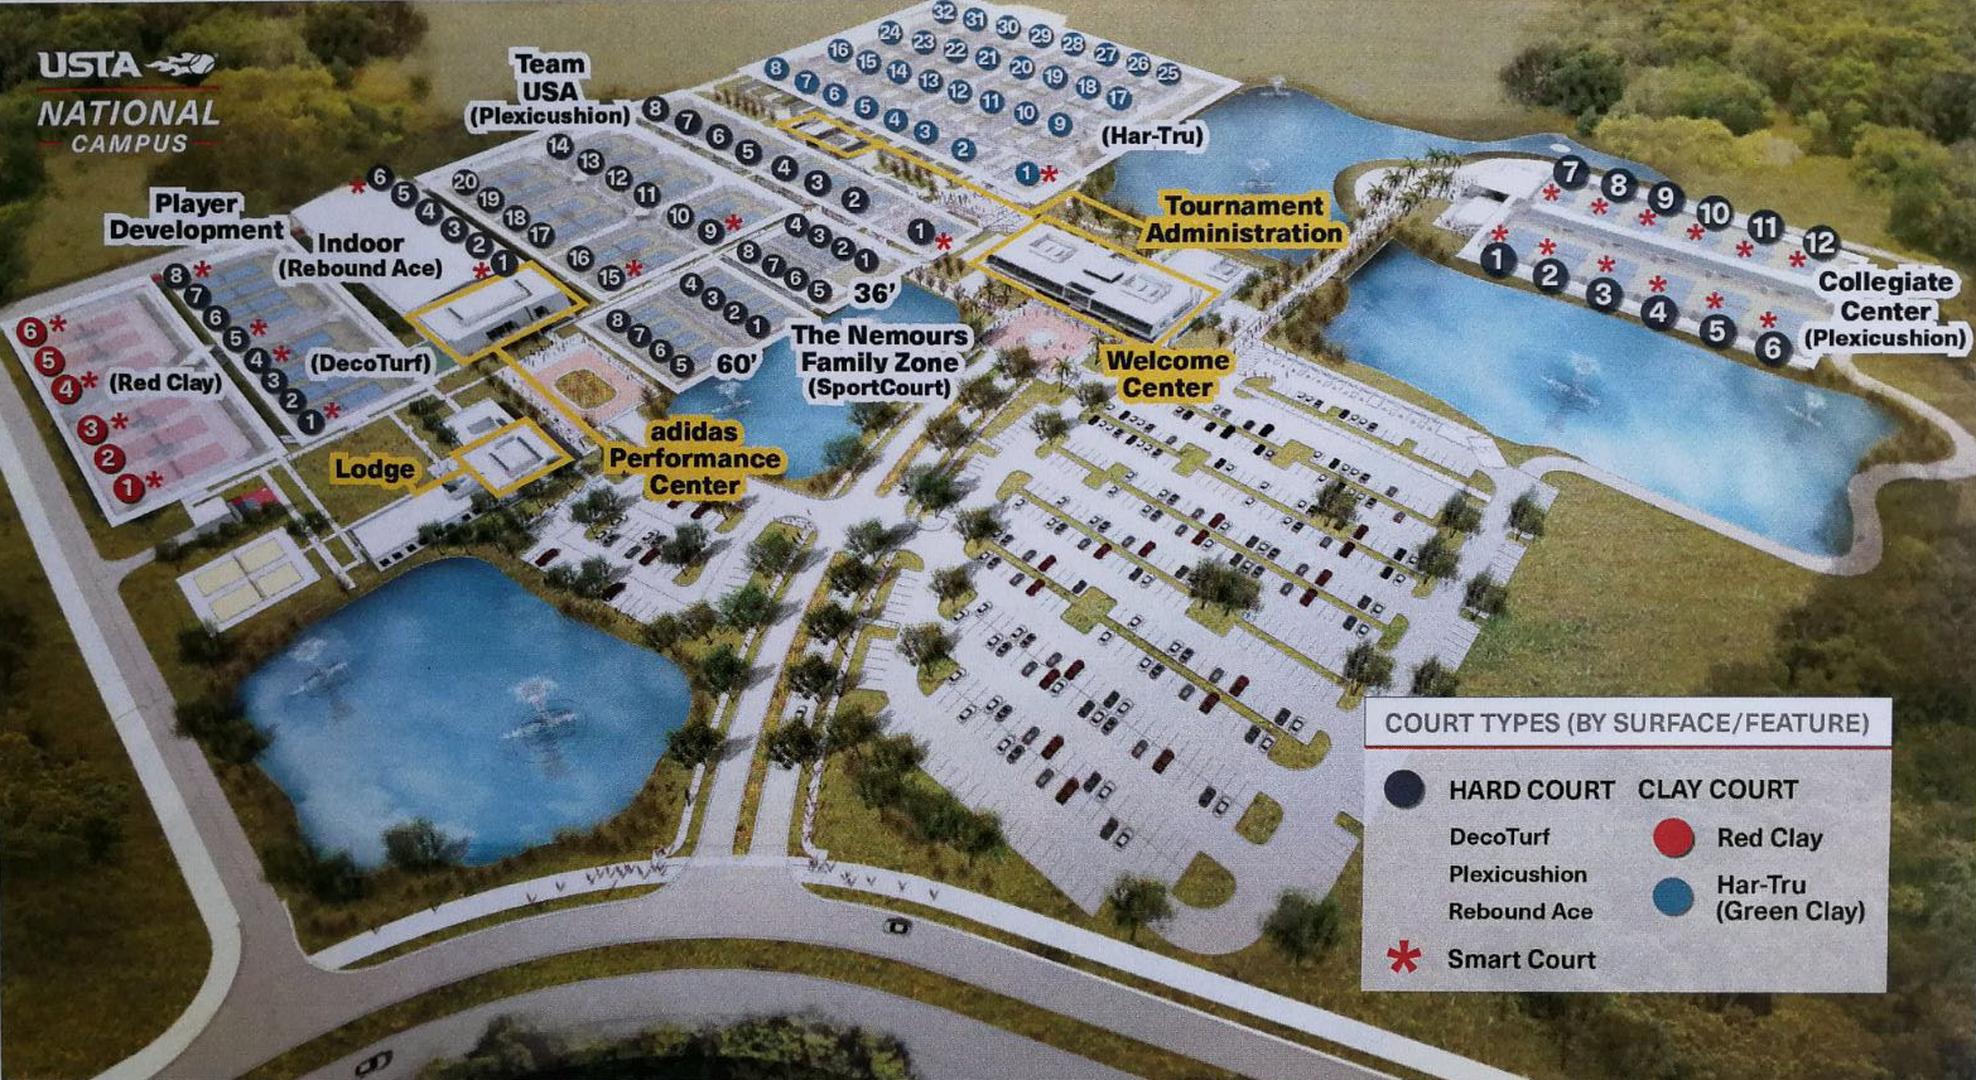 Der Geländeplan der USTA.